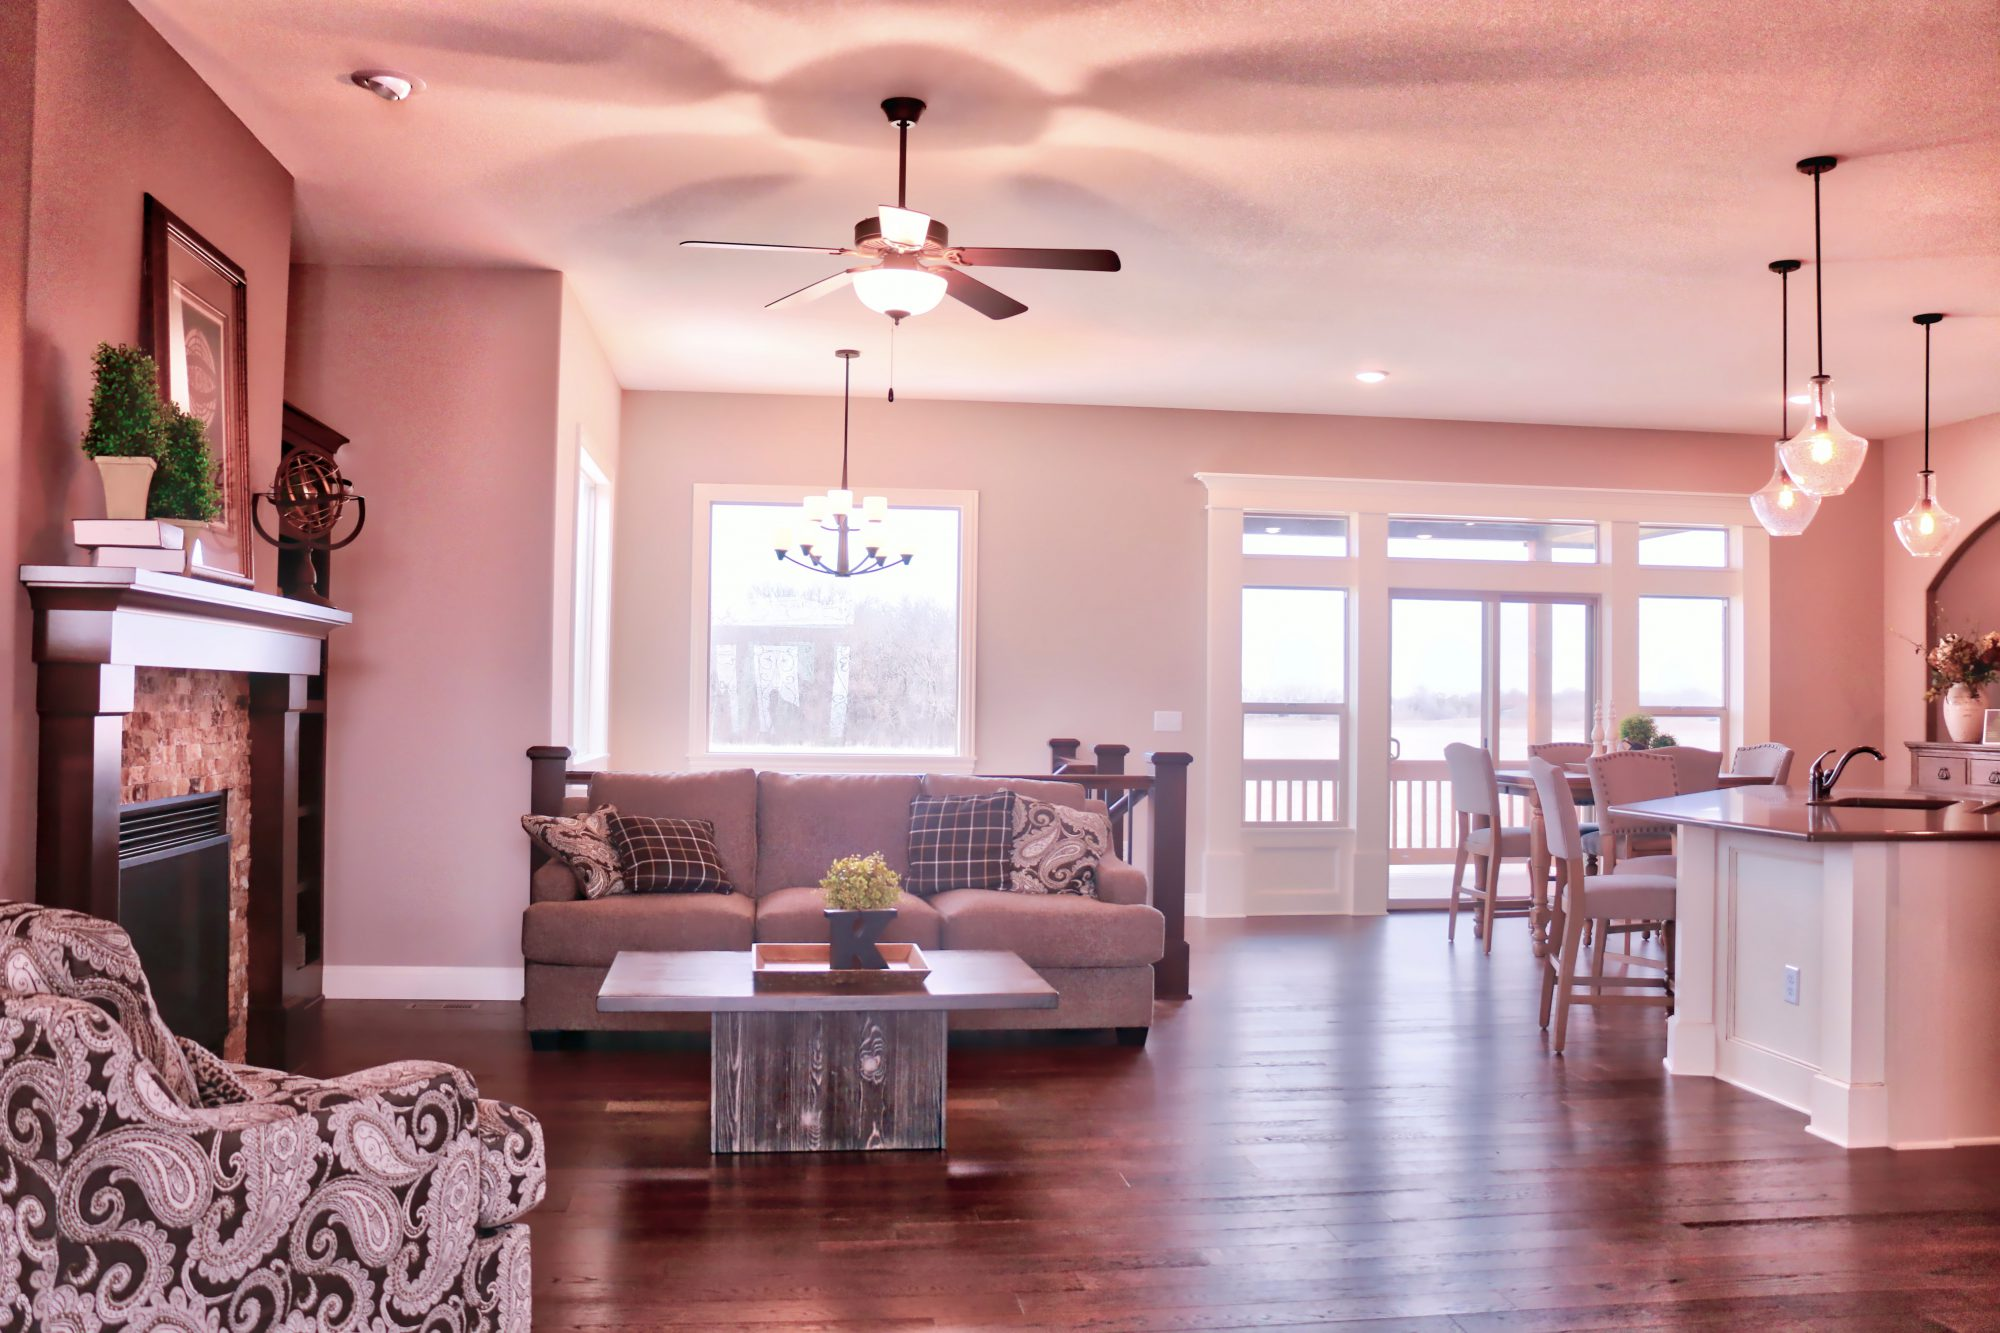 Carlee living room